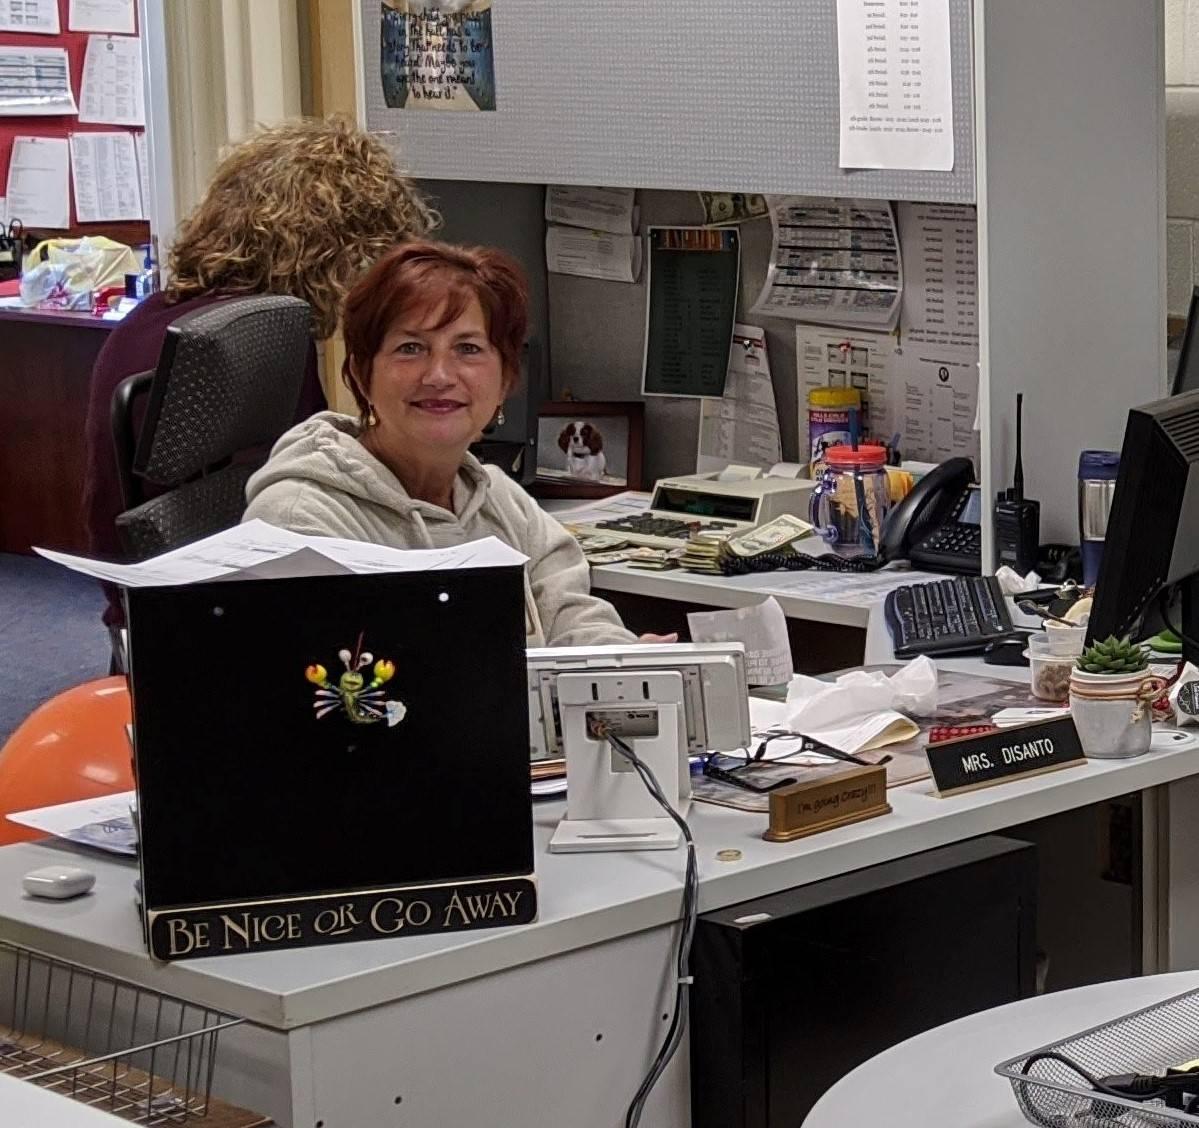 CMS Secretarial Staff Member Ms. DiSanto